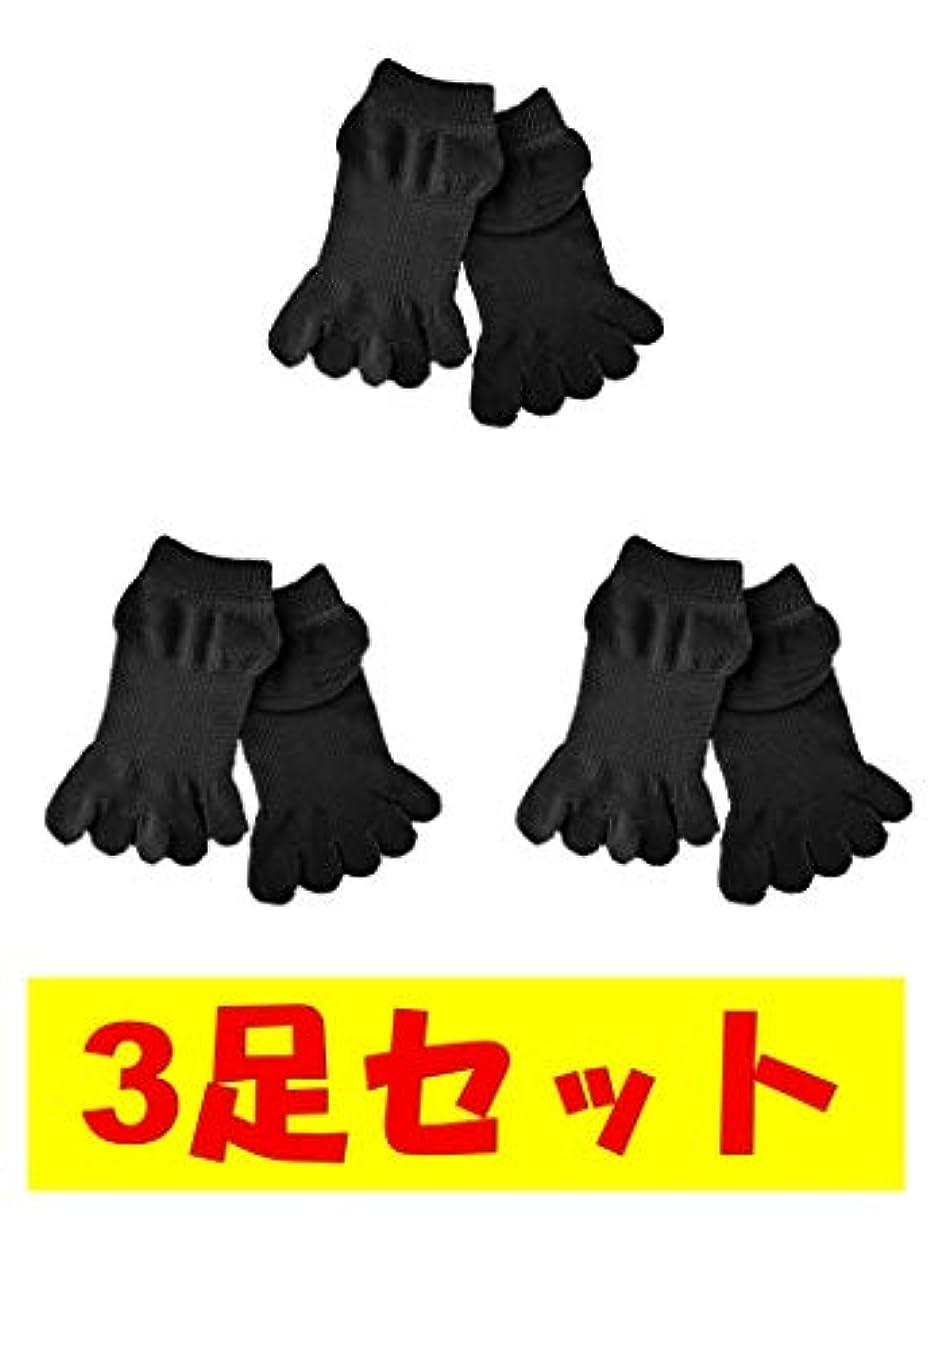 ストレージお香広げるお買い得3足セット 5本指 ゆびのばソックス ゆびのば アンクル ブラック iサイズ 23.5-25.5cm YSANKL-BLK